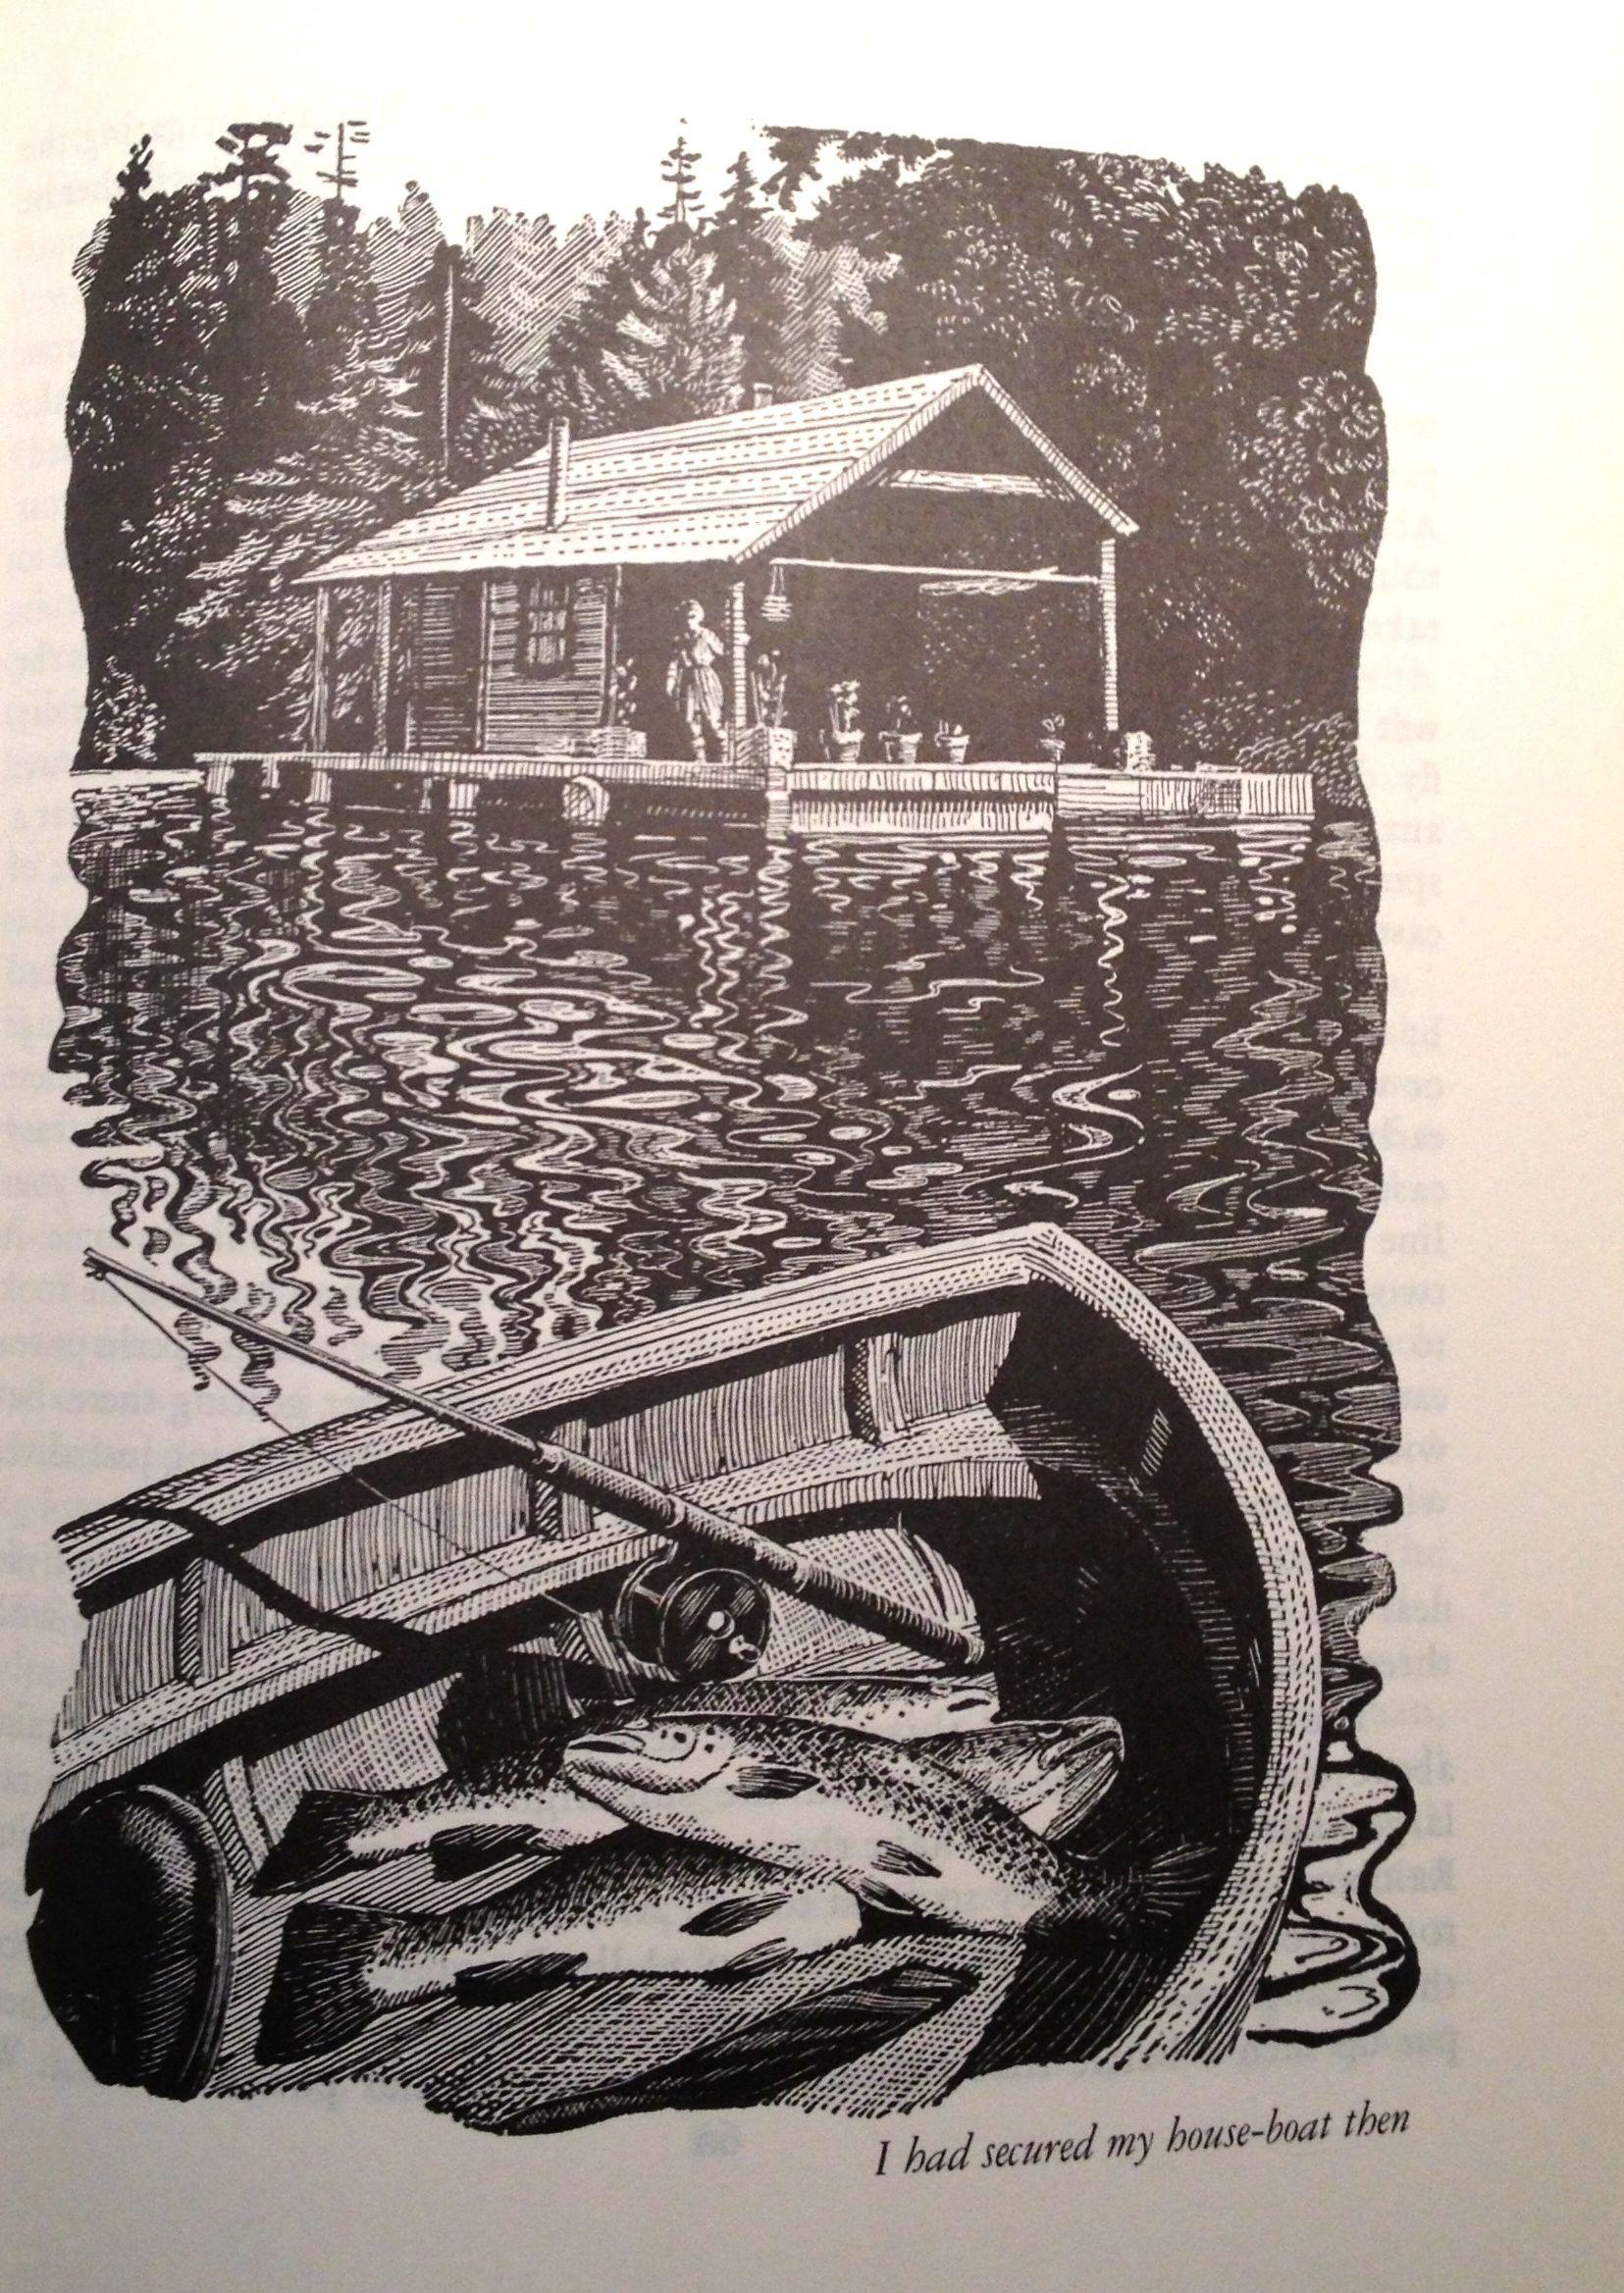 Negley Farson- Going Fishing - Auf Fischerpfaden durch die Welt5